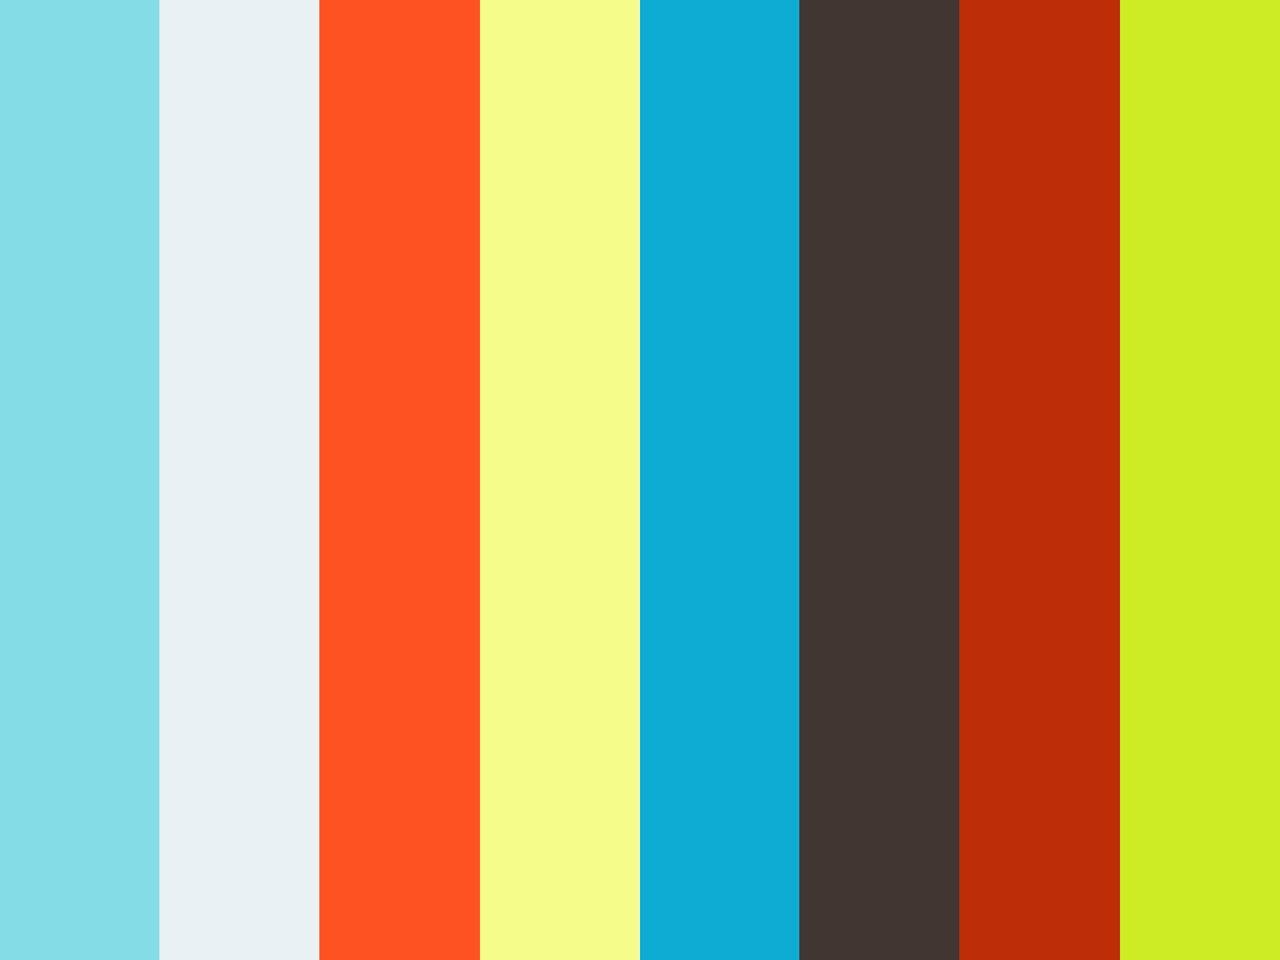 Blue Neon - VJ Loop Pack (5in1)